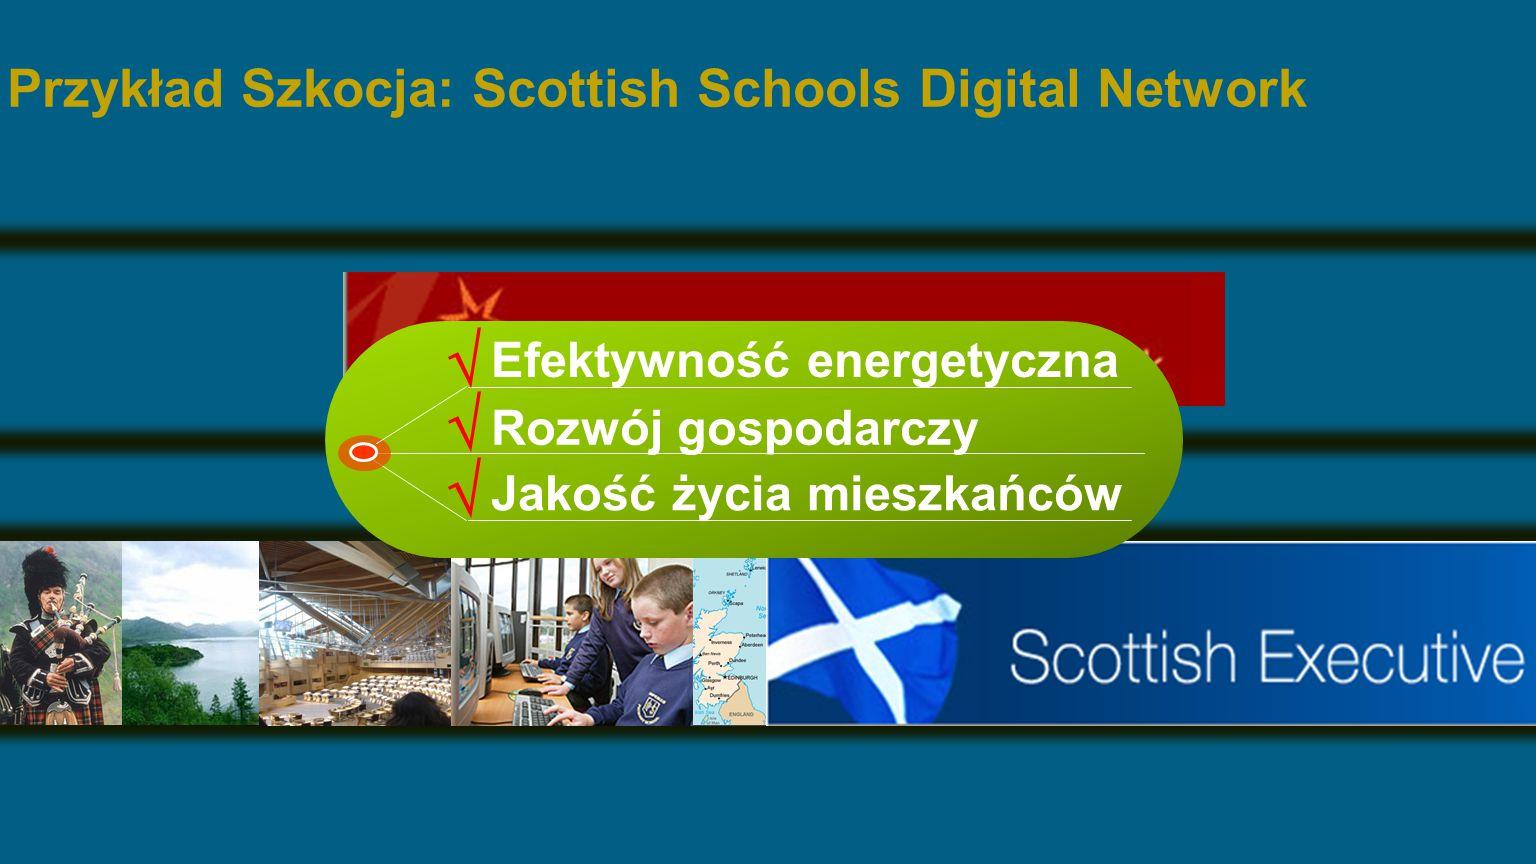 Przykład Szkocja: Scottish Schools Digital Network Rozwój gospodarczy Jakość życia mieszkańców Efektywność energetyczna   